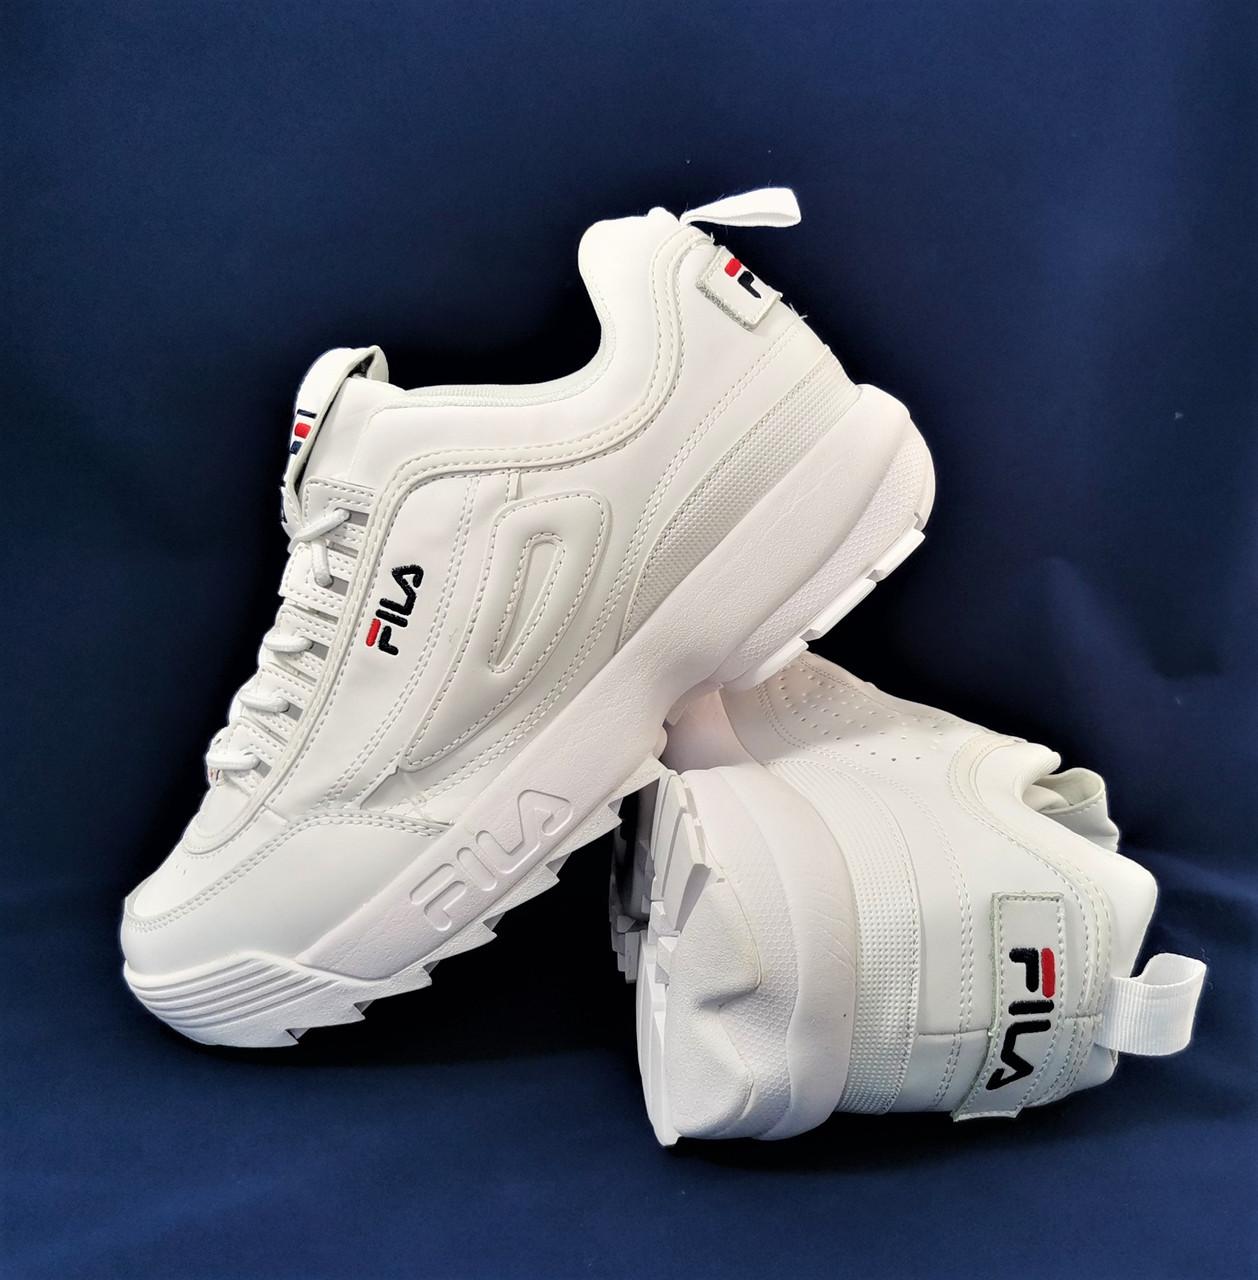 Чоловічі Кросівки Fila Disruptor Білі Філа (розміри: 41,42,43,44,45) Відео Огляд